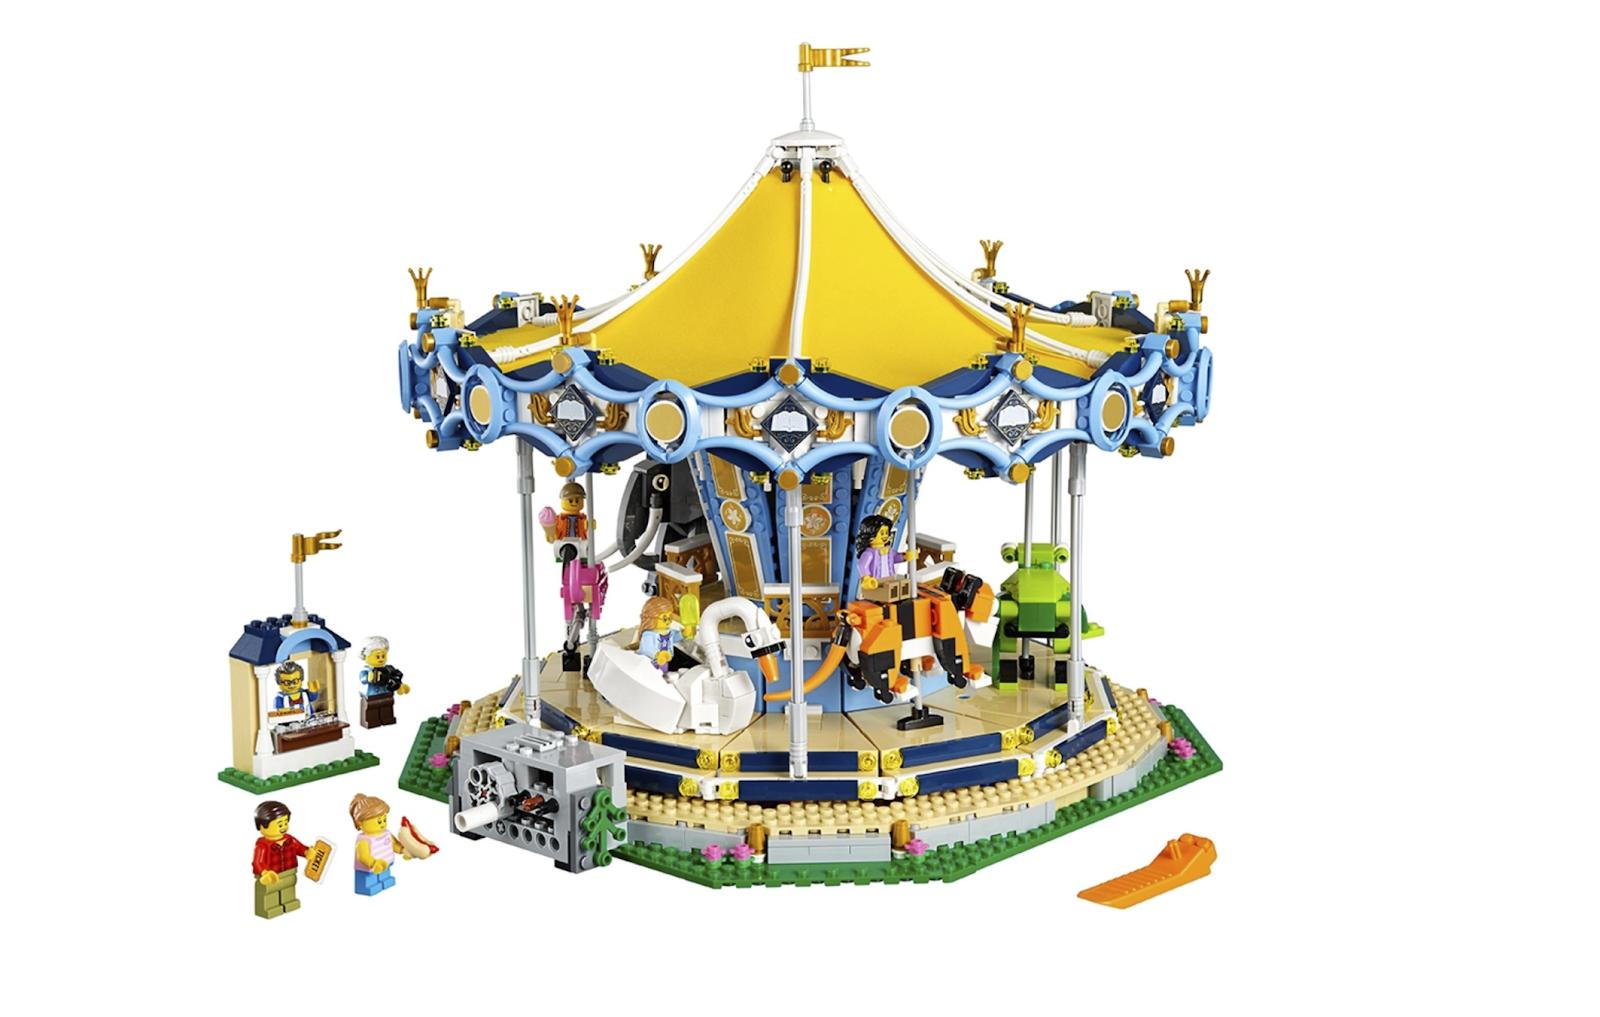 旋转木马 Carousel(10196)